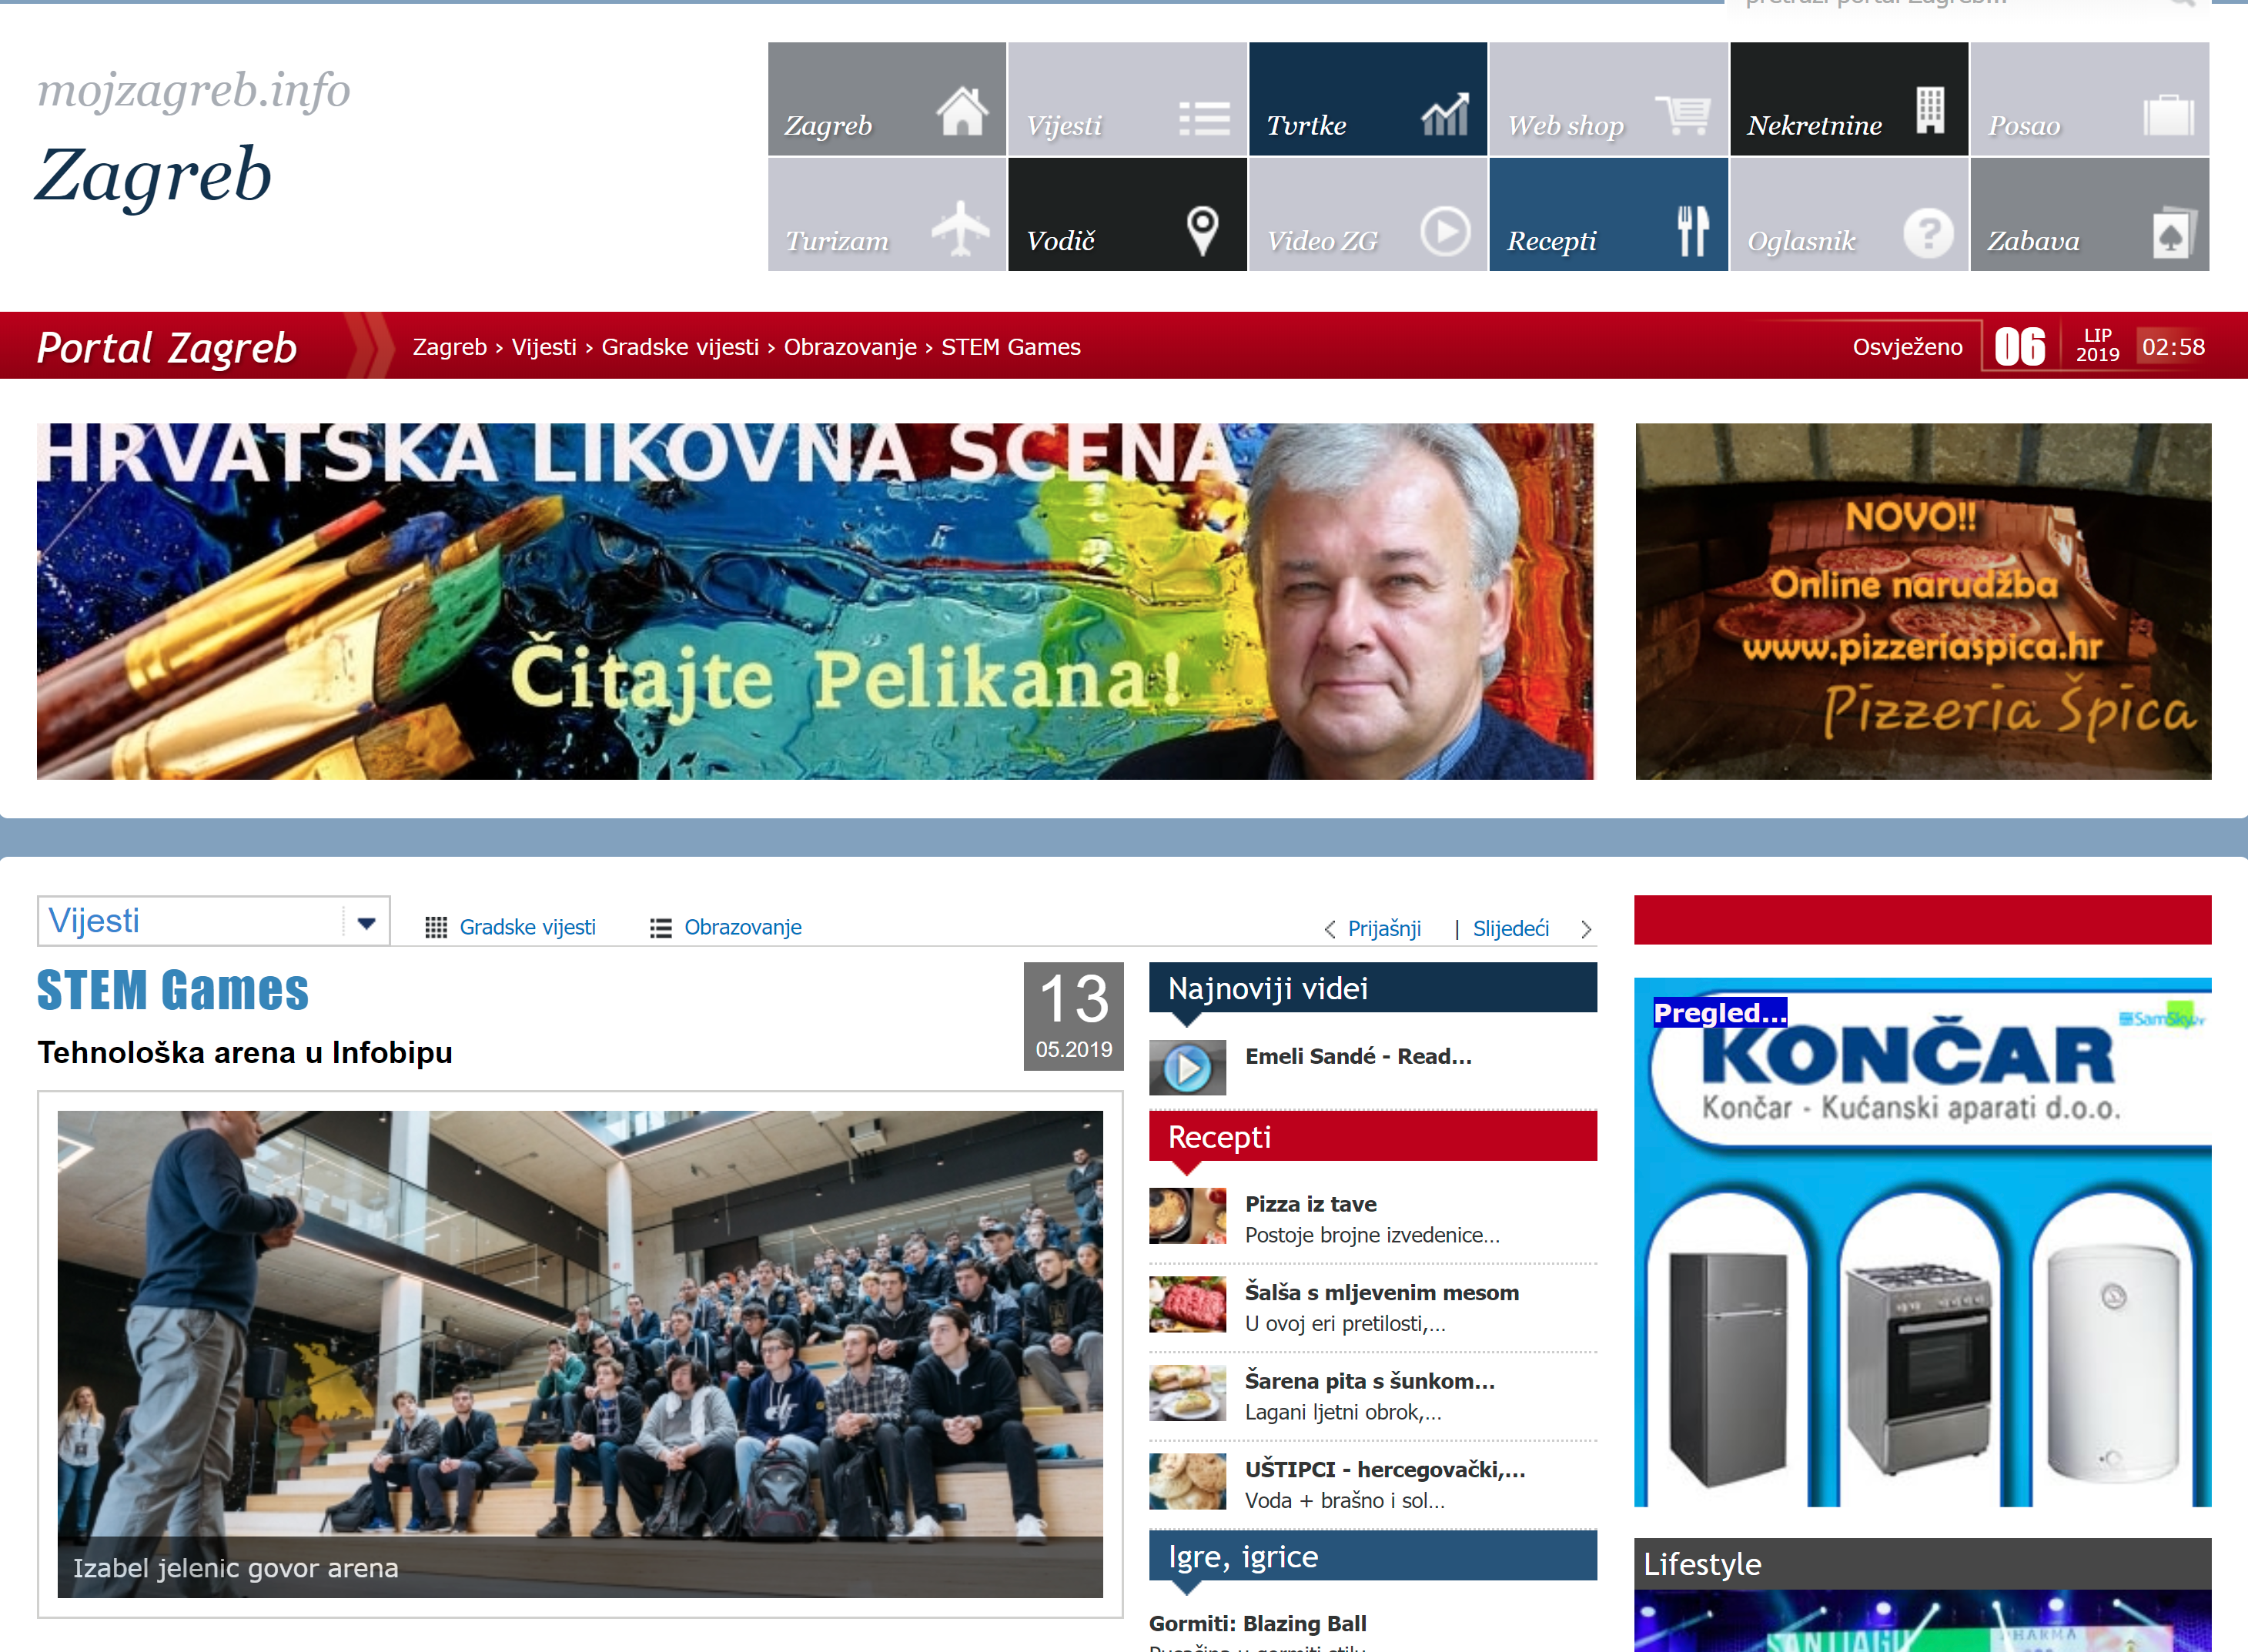 screencapture-mojzagreb-info-zagreb-hrvatska-stem-games-2019-06-06-06_07_47